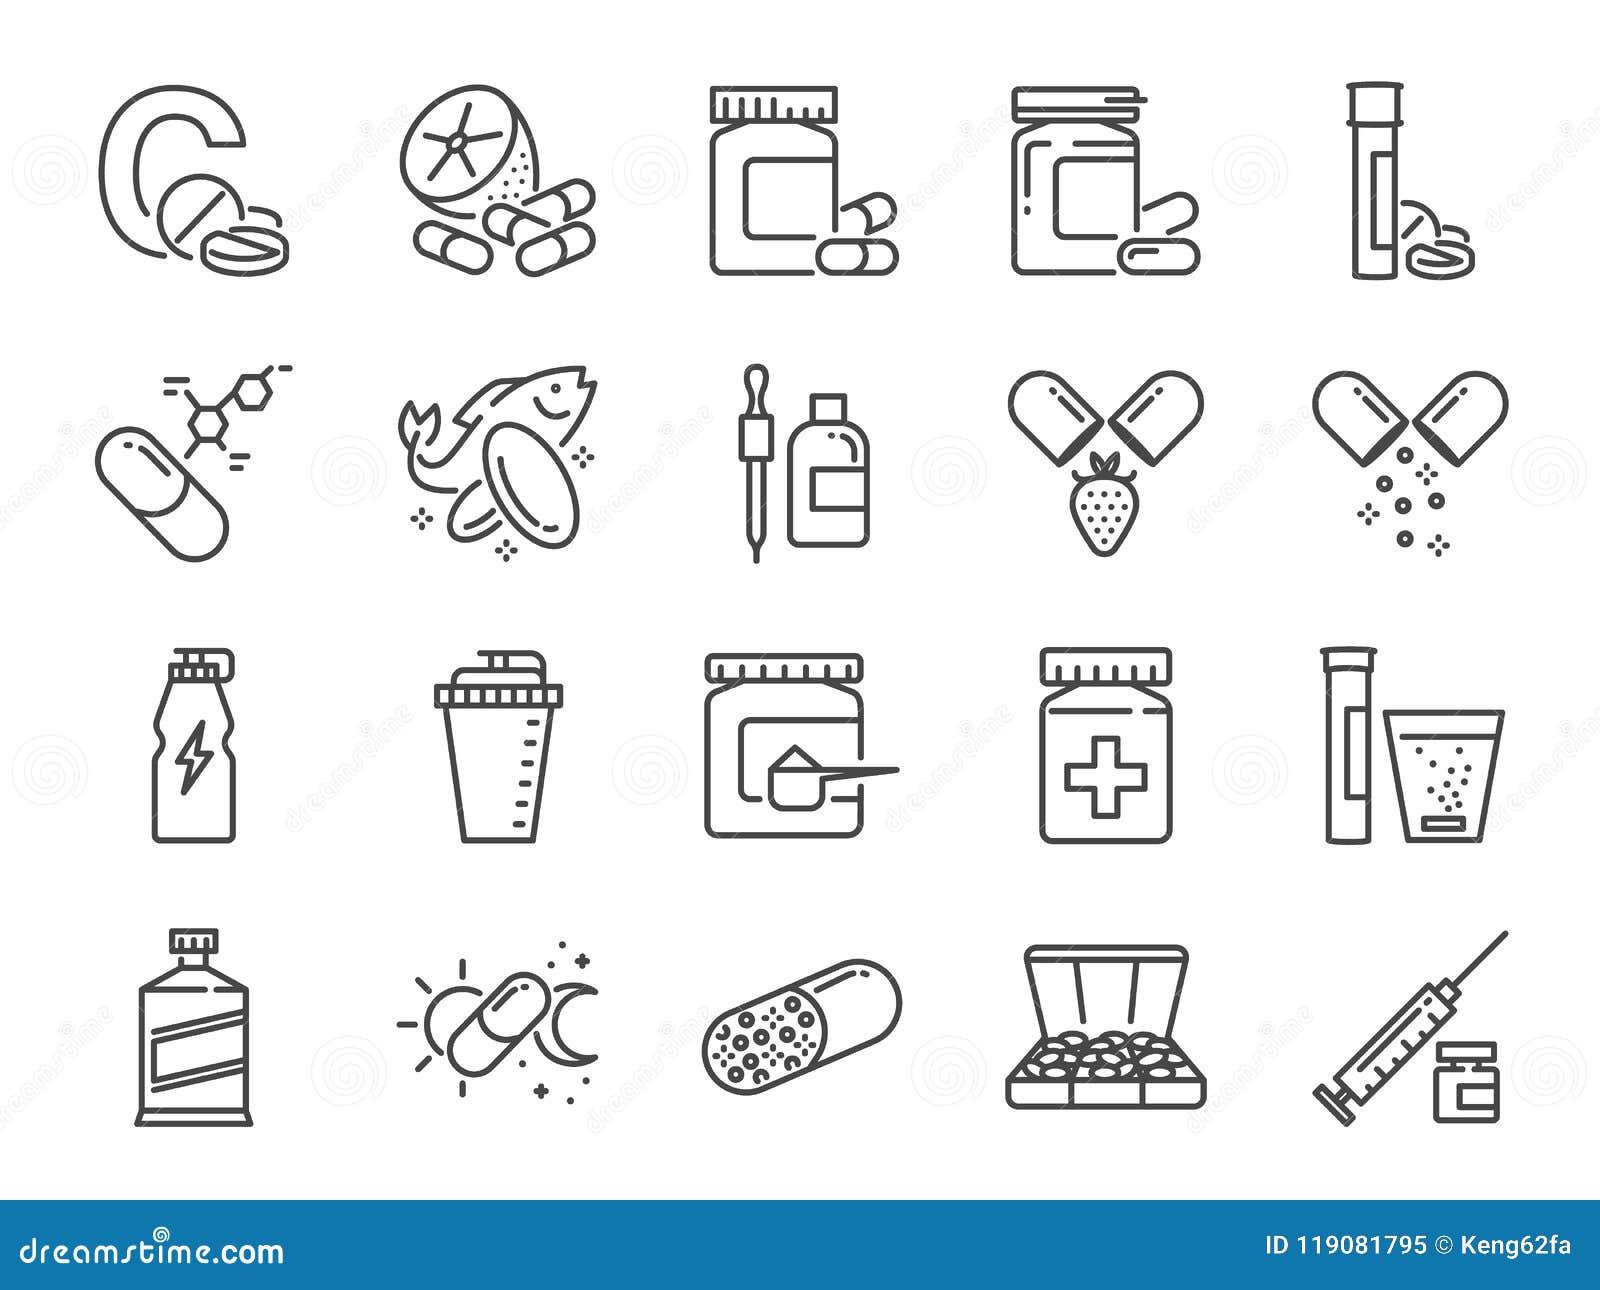 维生素和膳食补充剂象集合 包括象作为维生素C,鱼油,乳清蛋白,片剂,药片,疗程,军医